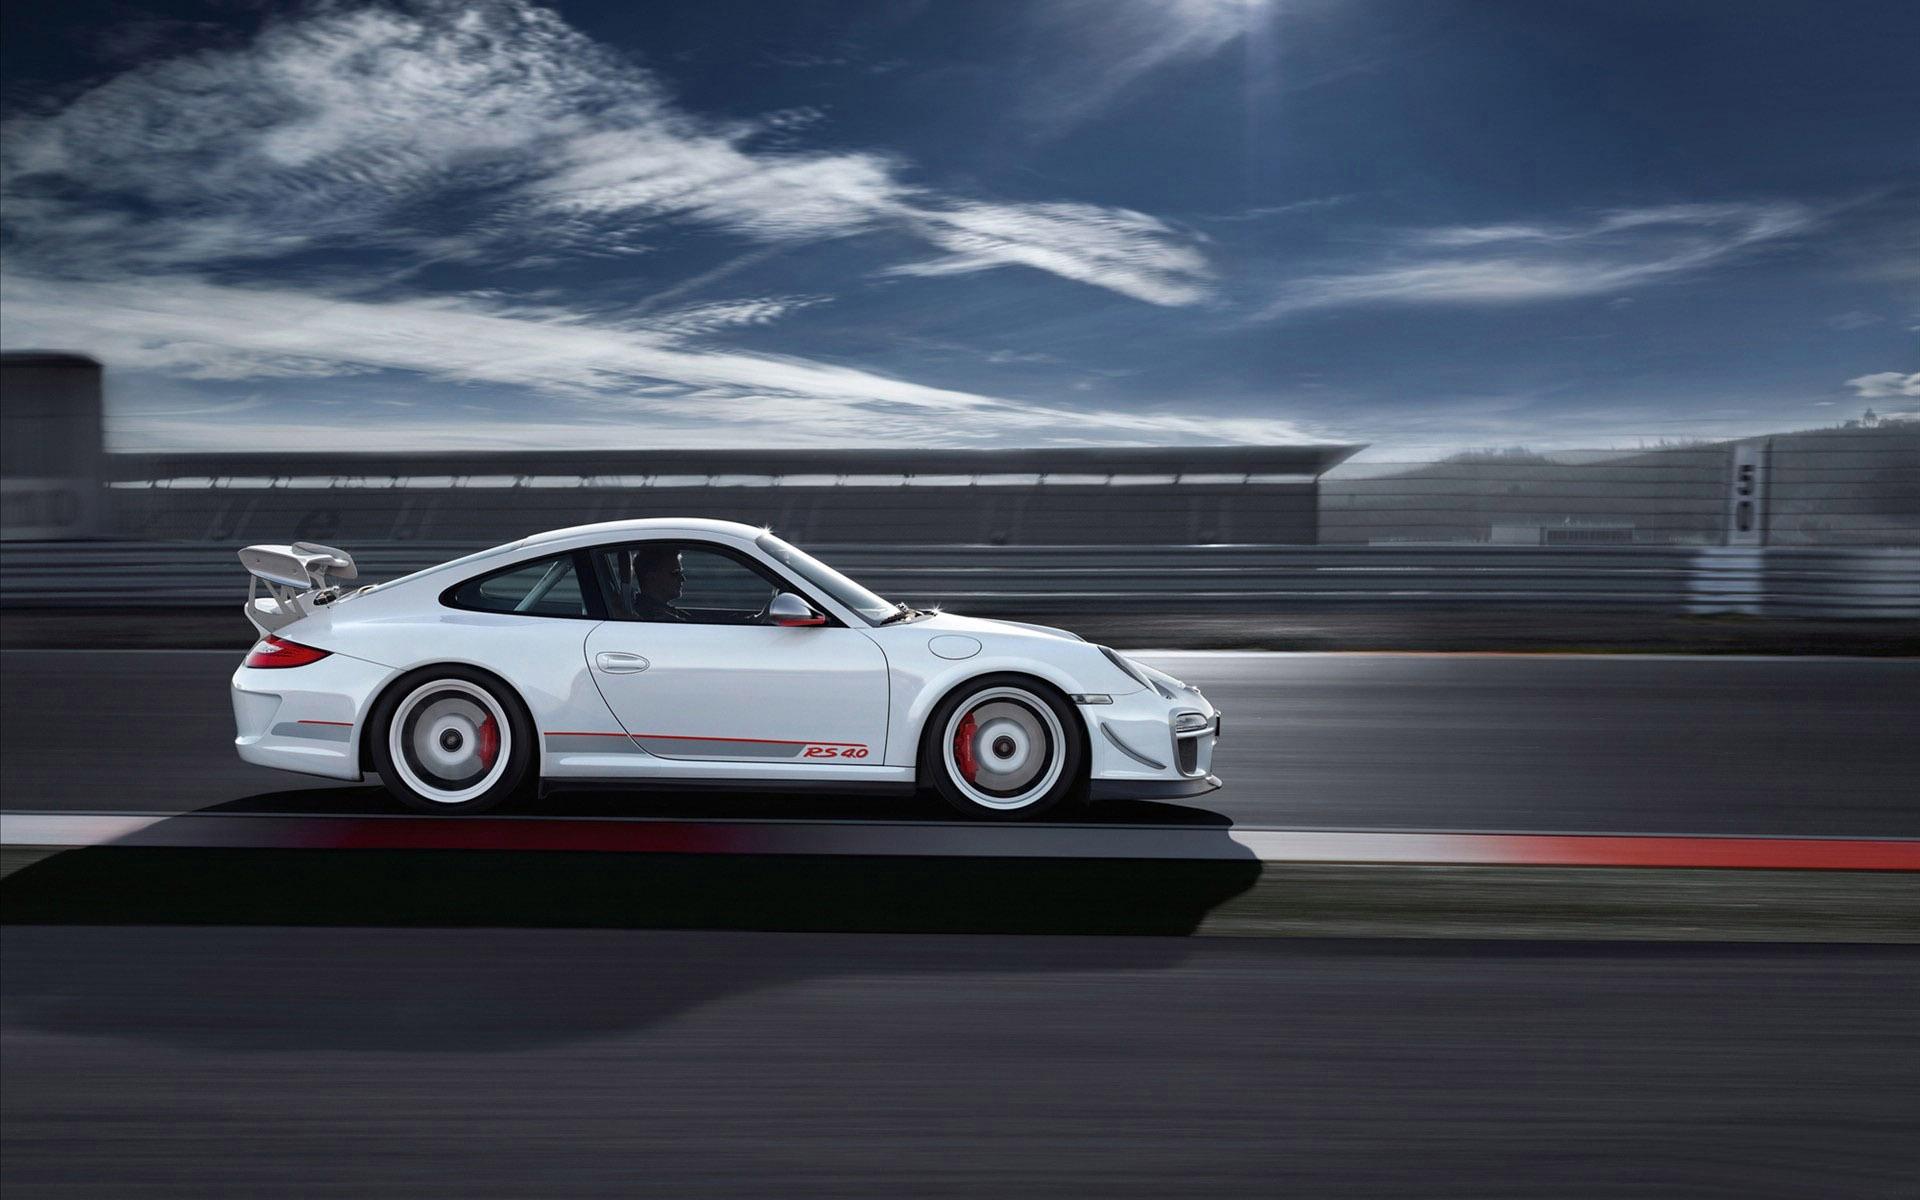 download free Stunnic Porsche 911 GT3 Hd Wallpaper